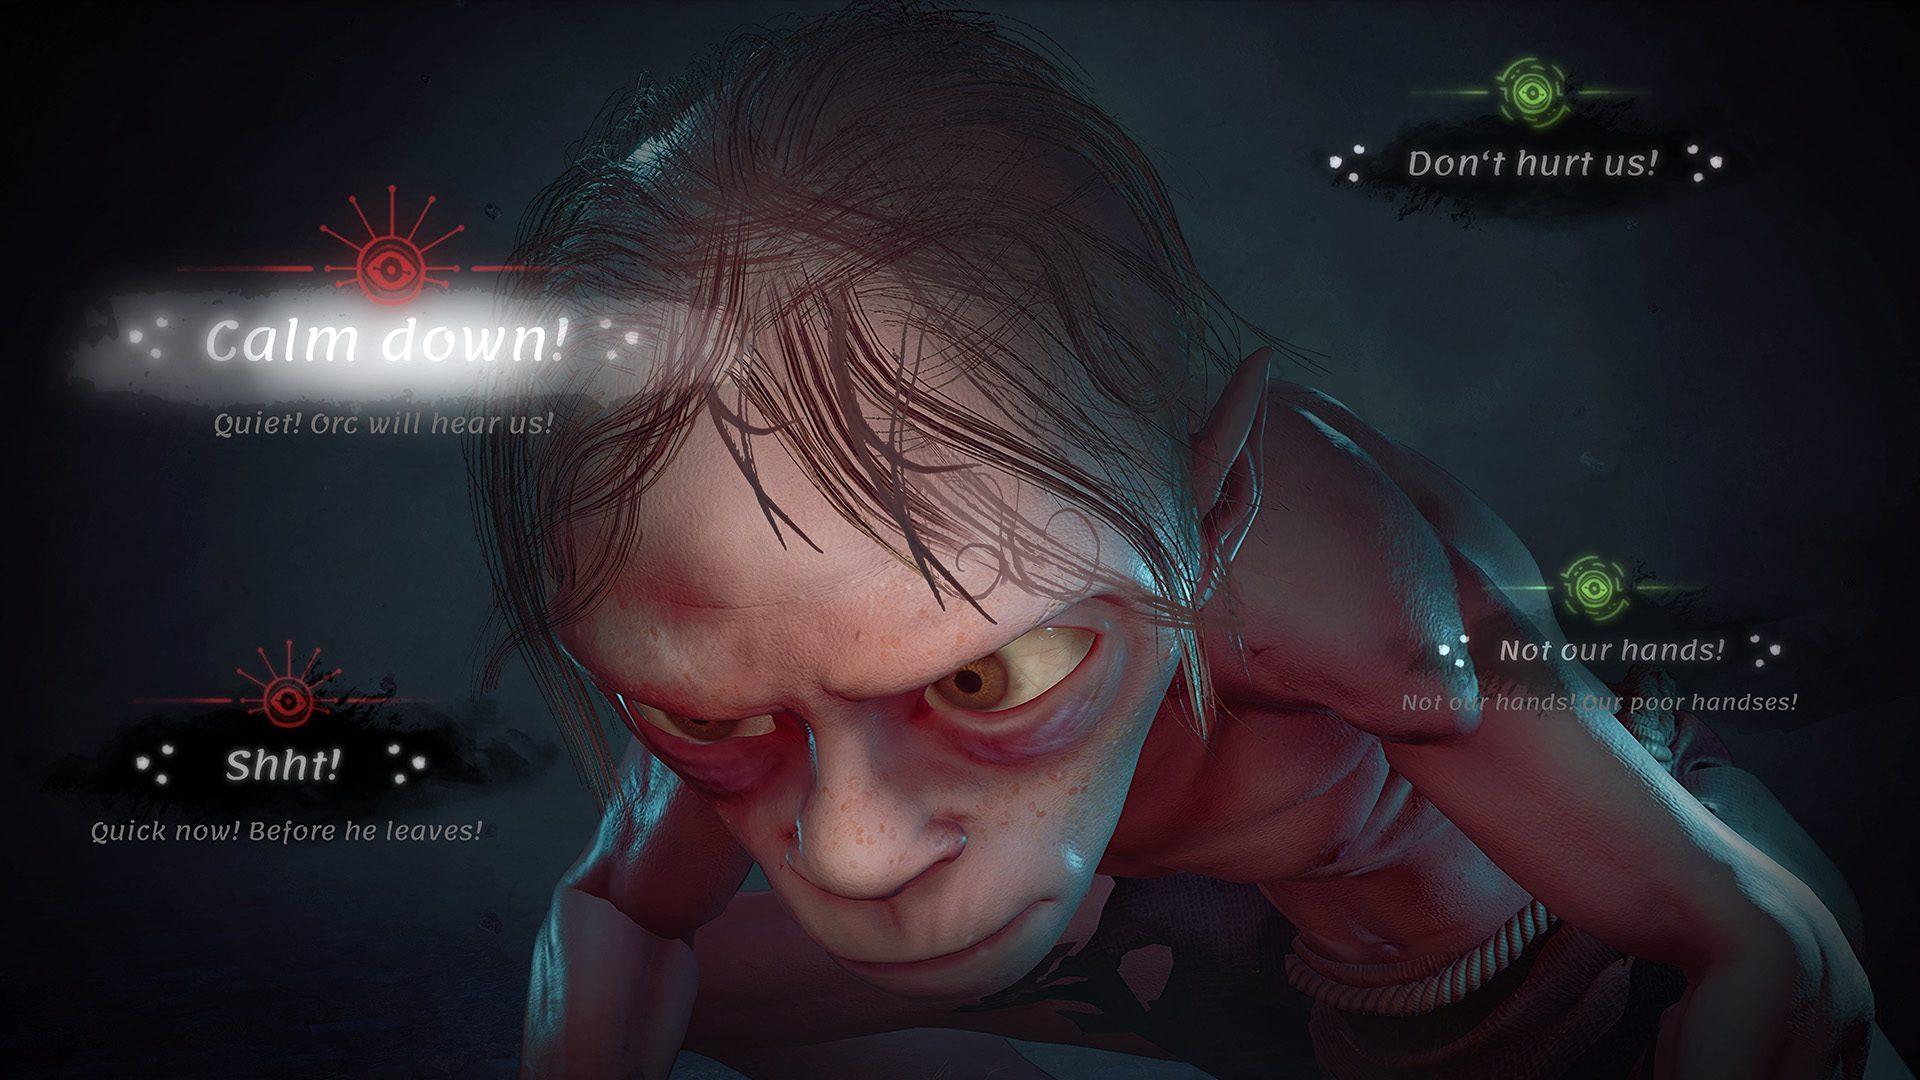 TLOTR Gollum - Gameplay_1_GX